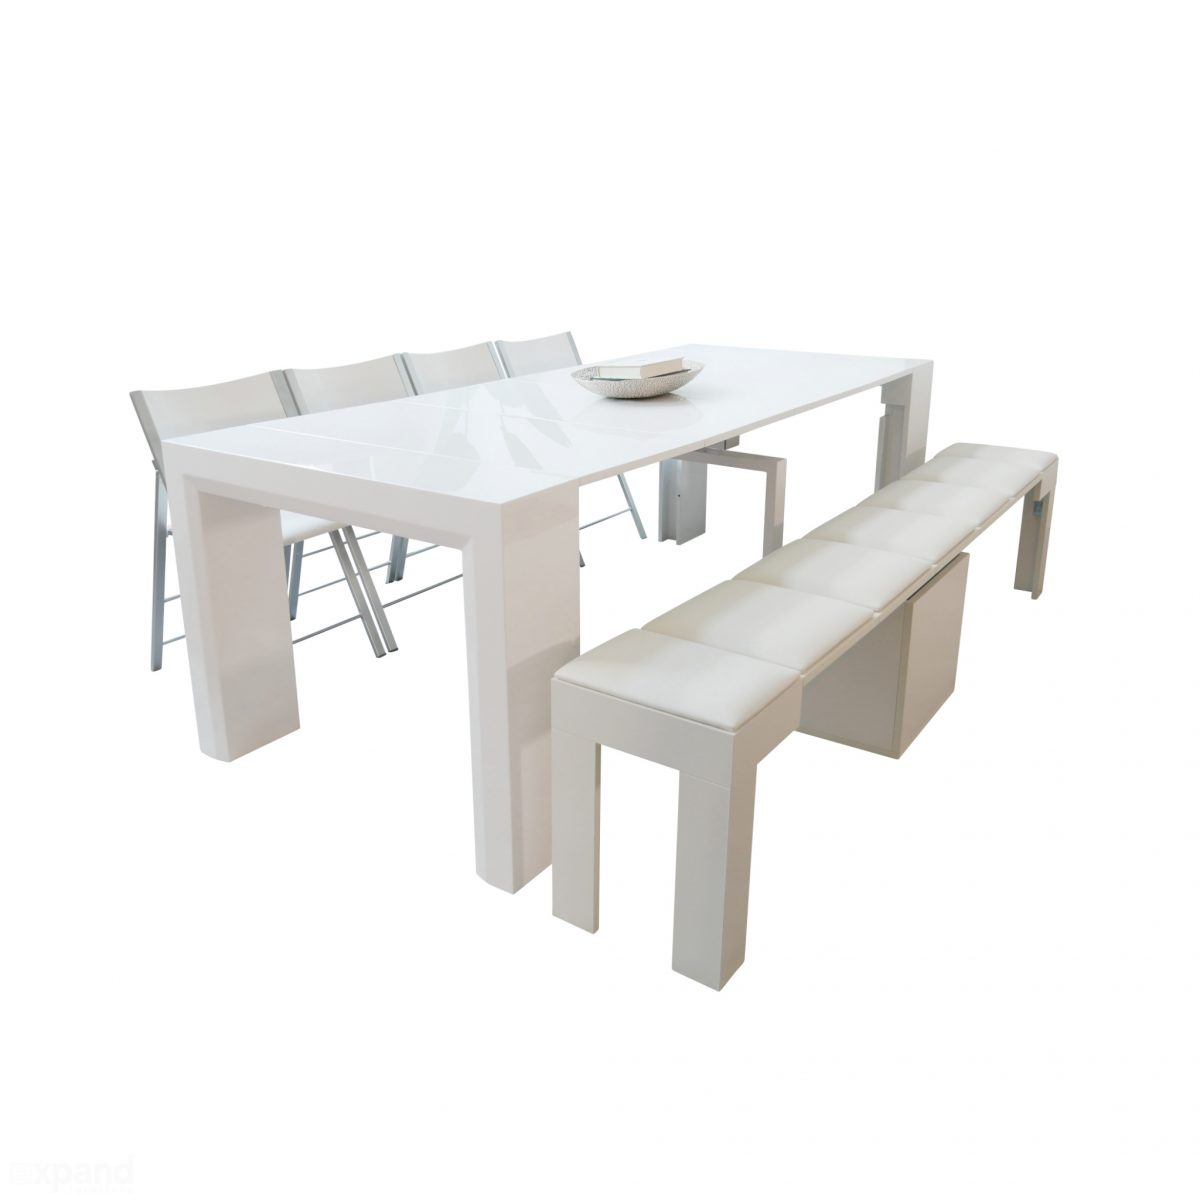 Ultimate Space Saving Dining Table Set  JG_GW_NANO_GW_JRBENCH_WHT